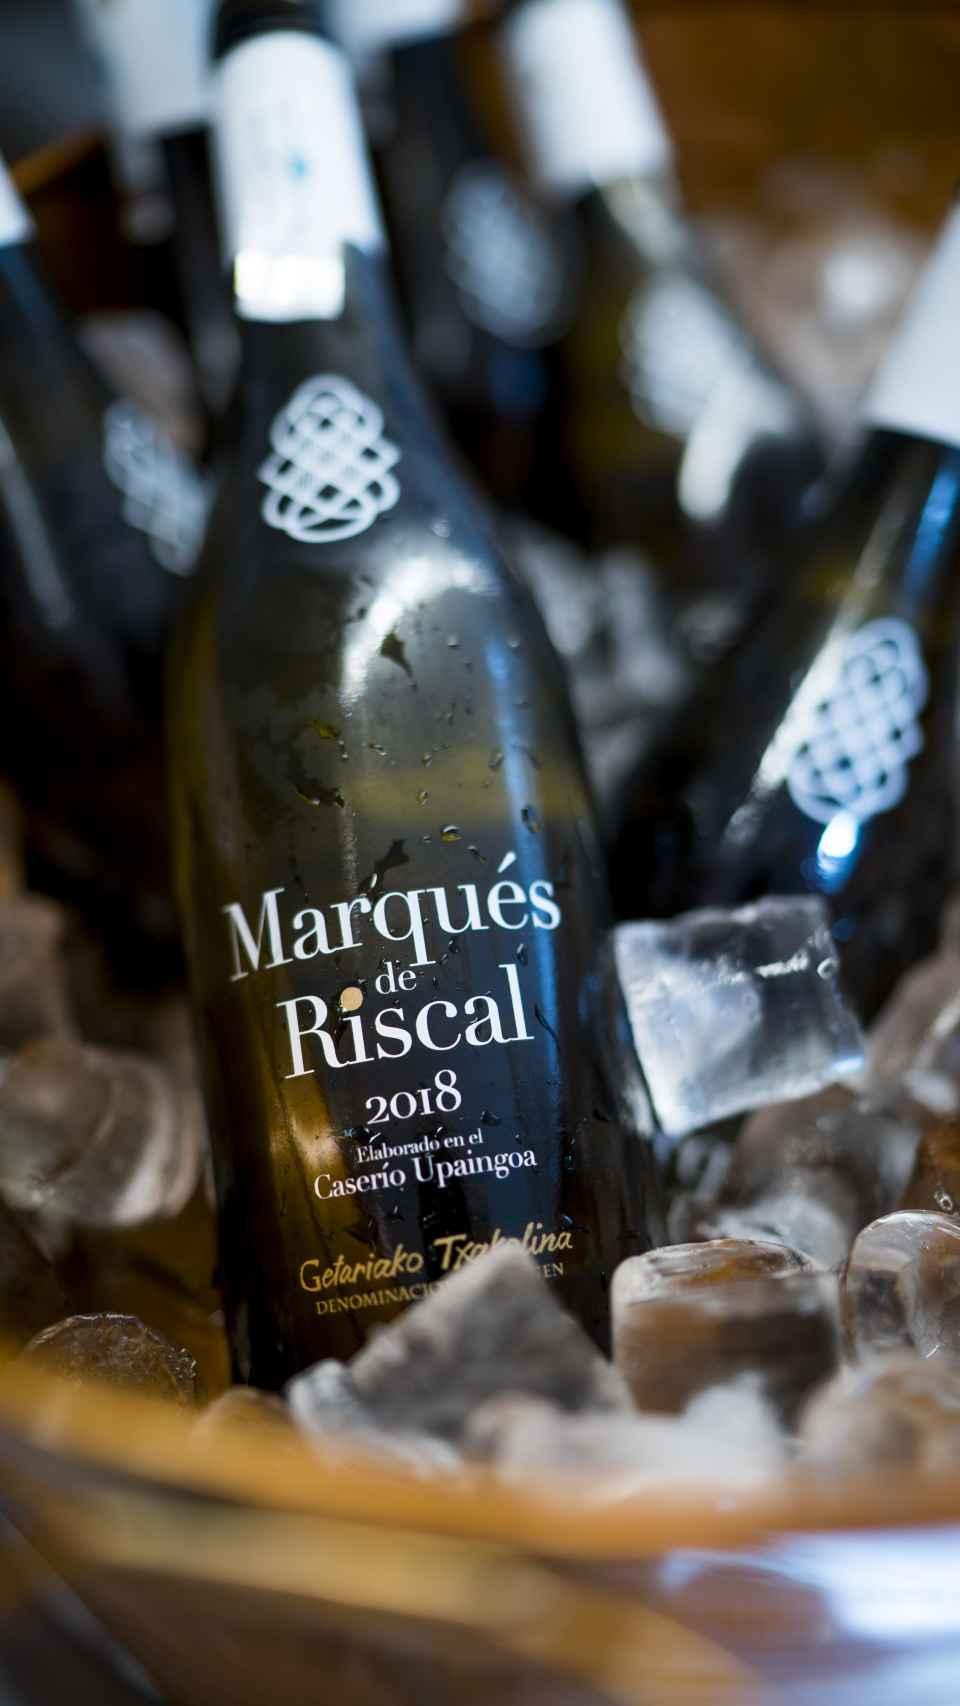 Txacoli Marqués de Riscal 2018.